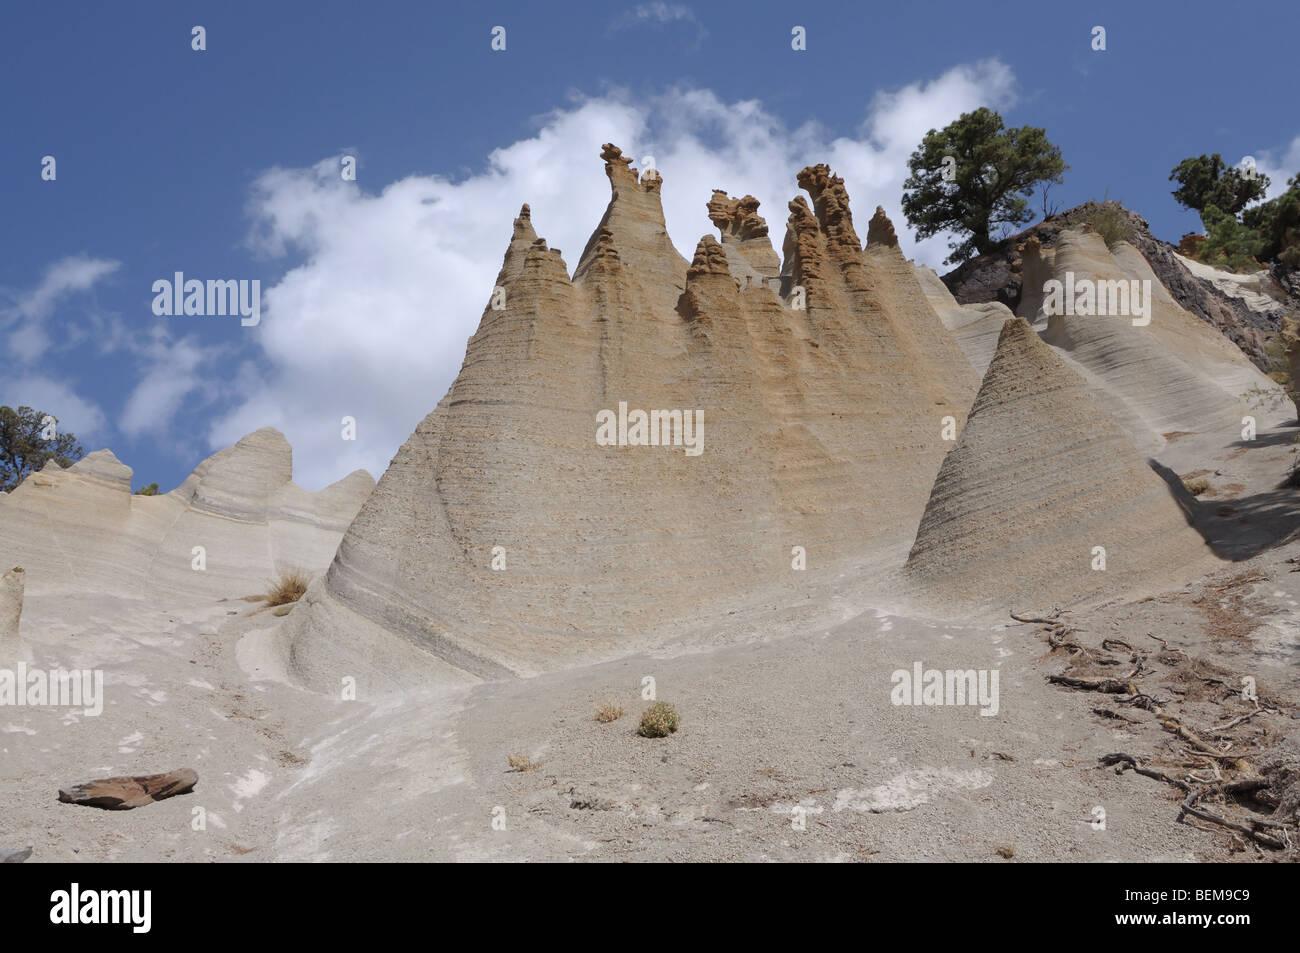 Fels-Formationen Paisaje Lunar auf der Kanarischen Insel Teneriffa, Spanien Stockbild